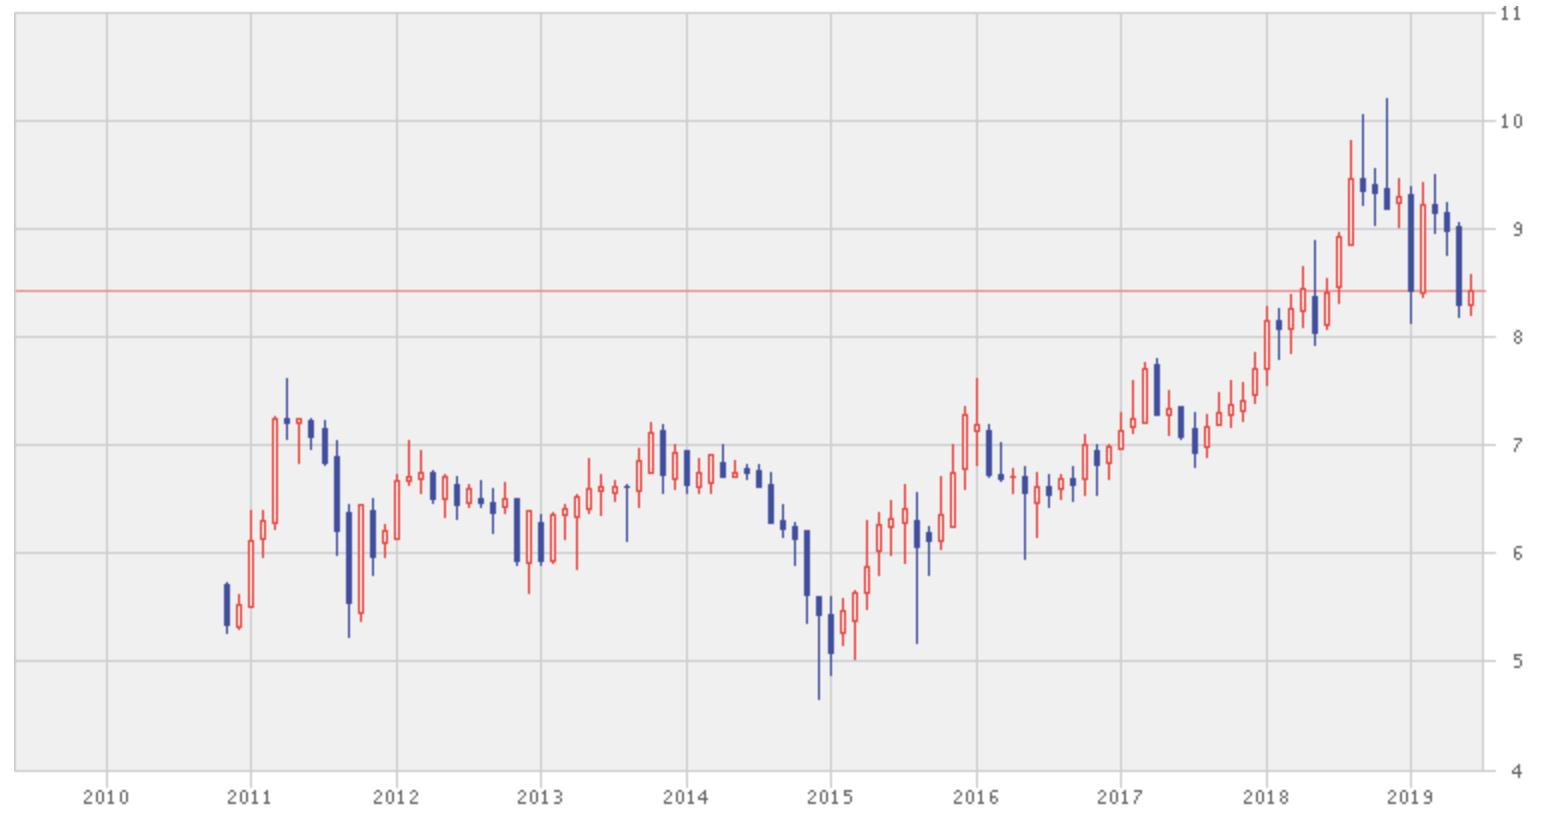 ペトロナス・ケミカルズ・グループの過去10年の株価推移